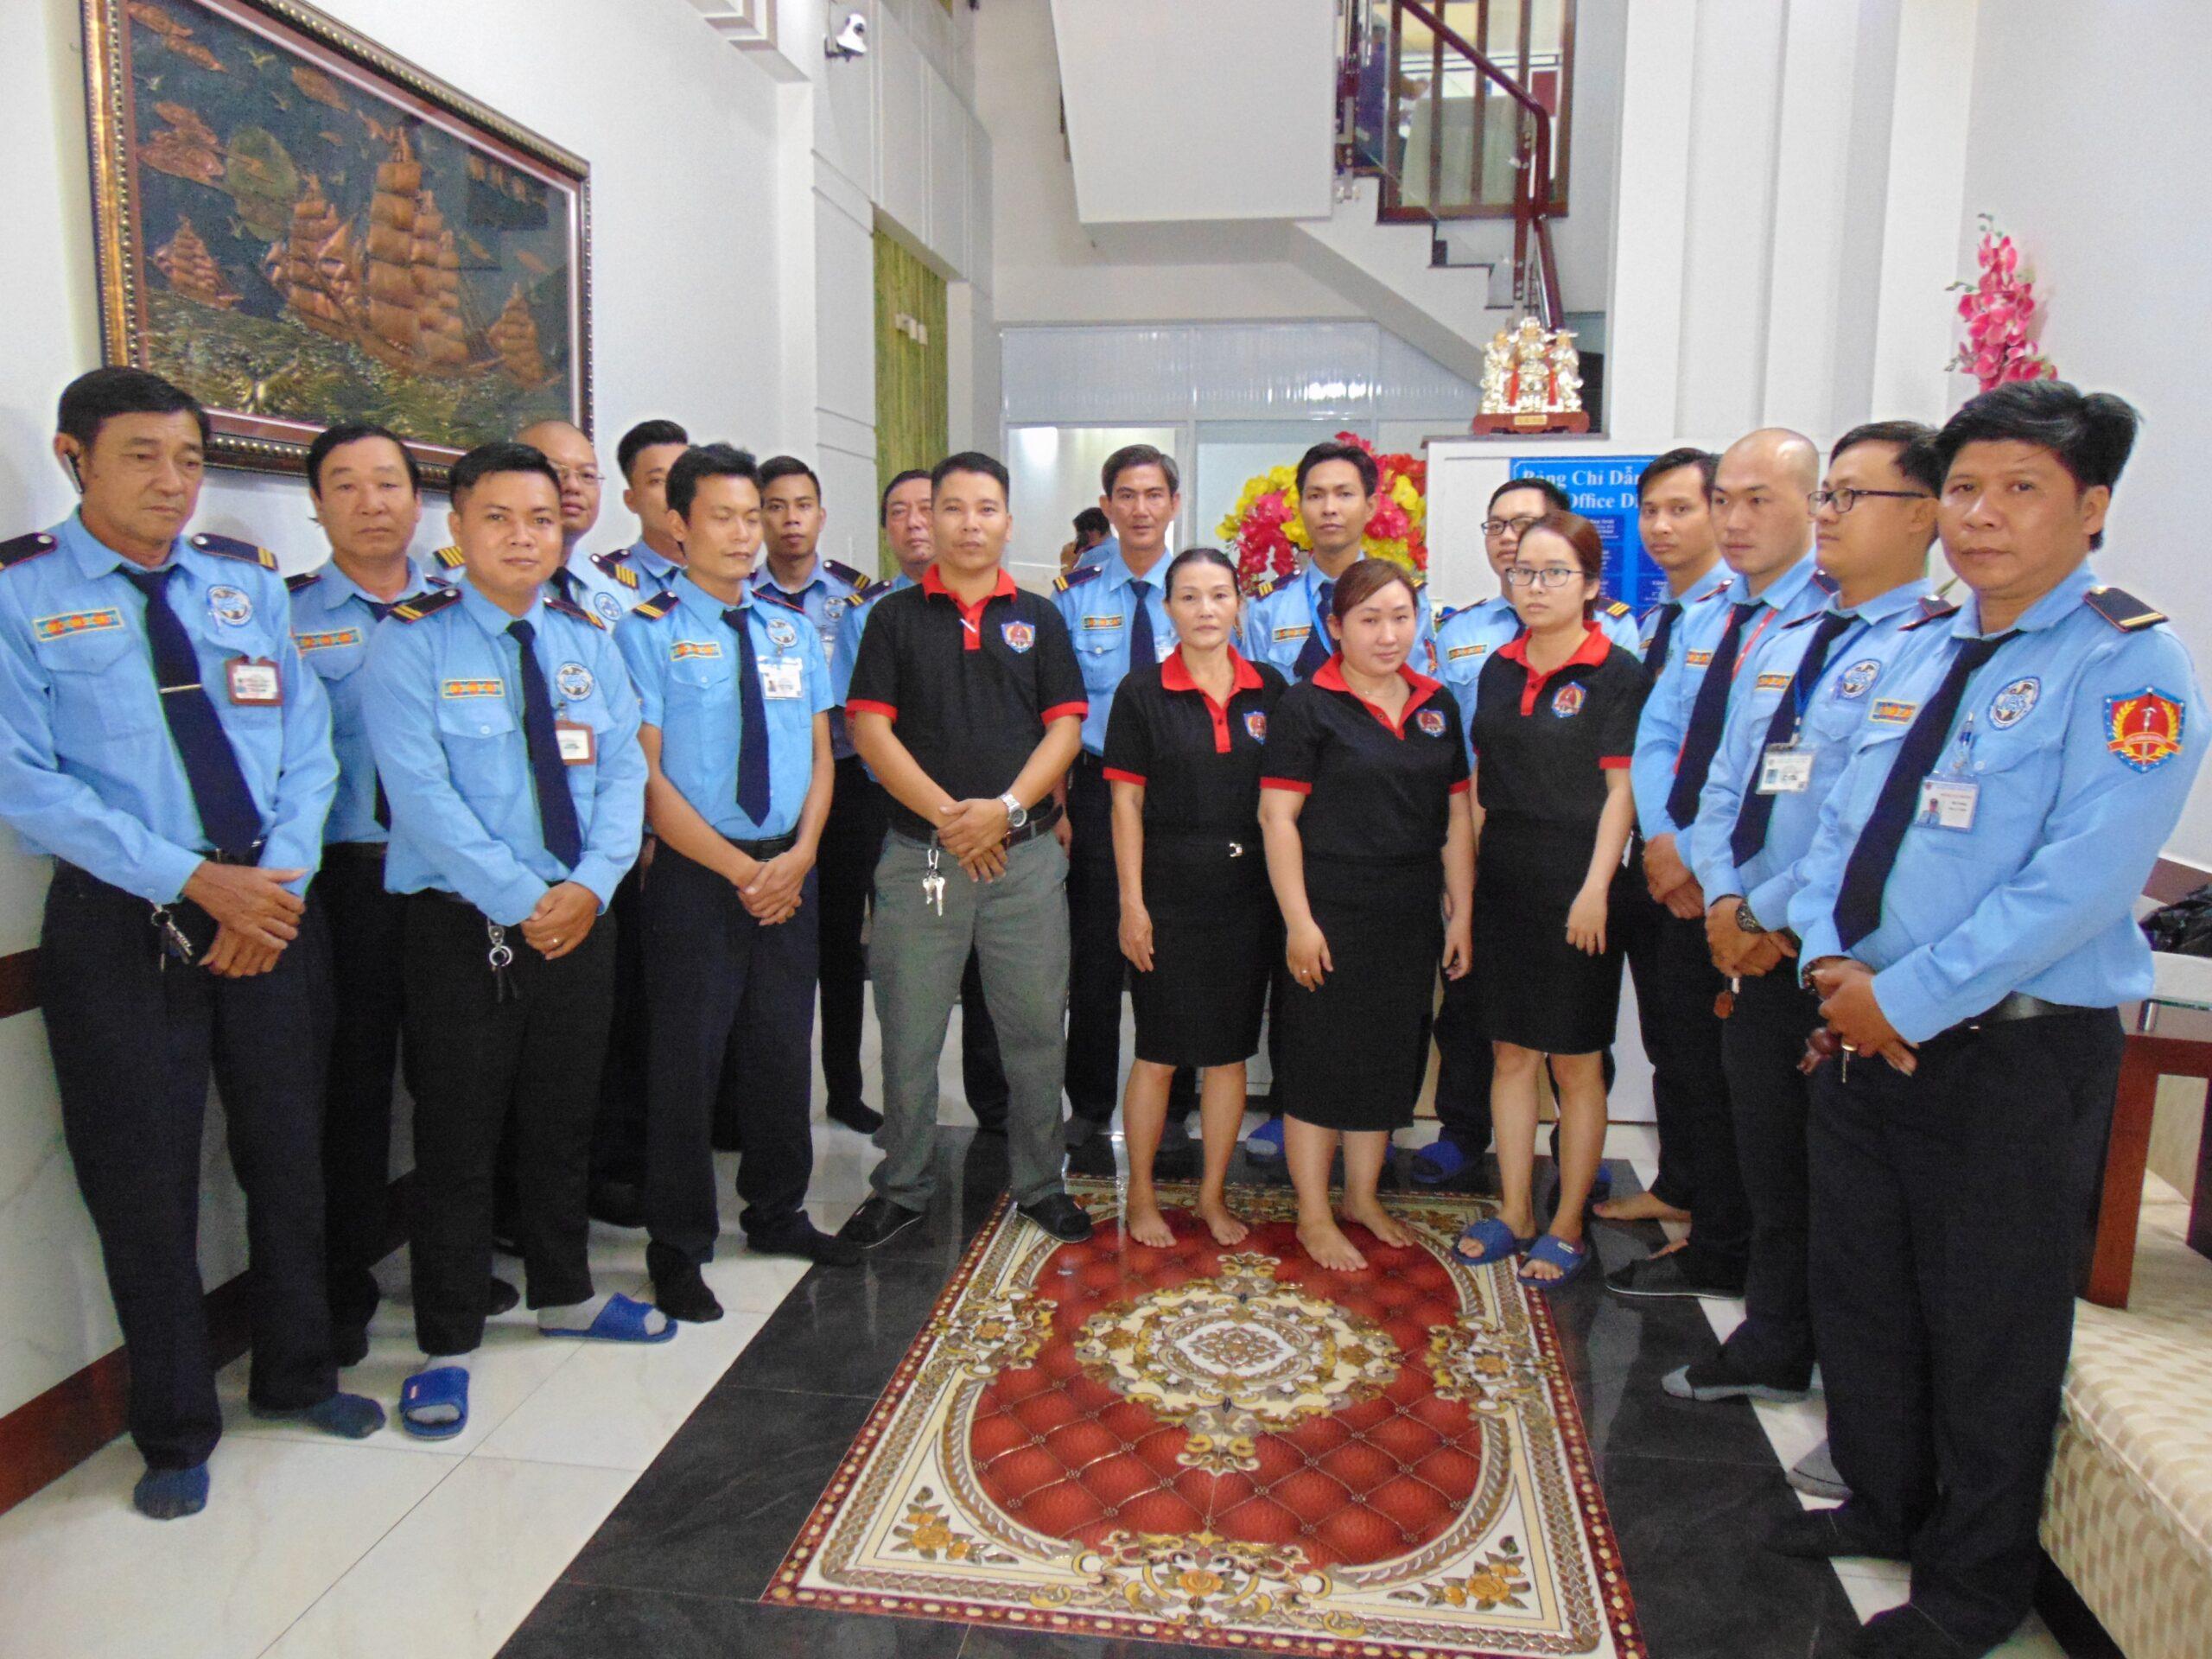 Bảo vệ khu công nghiệp Tân Bửu - Phúc Long